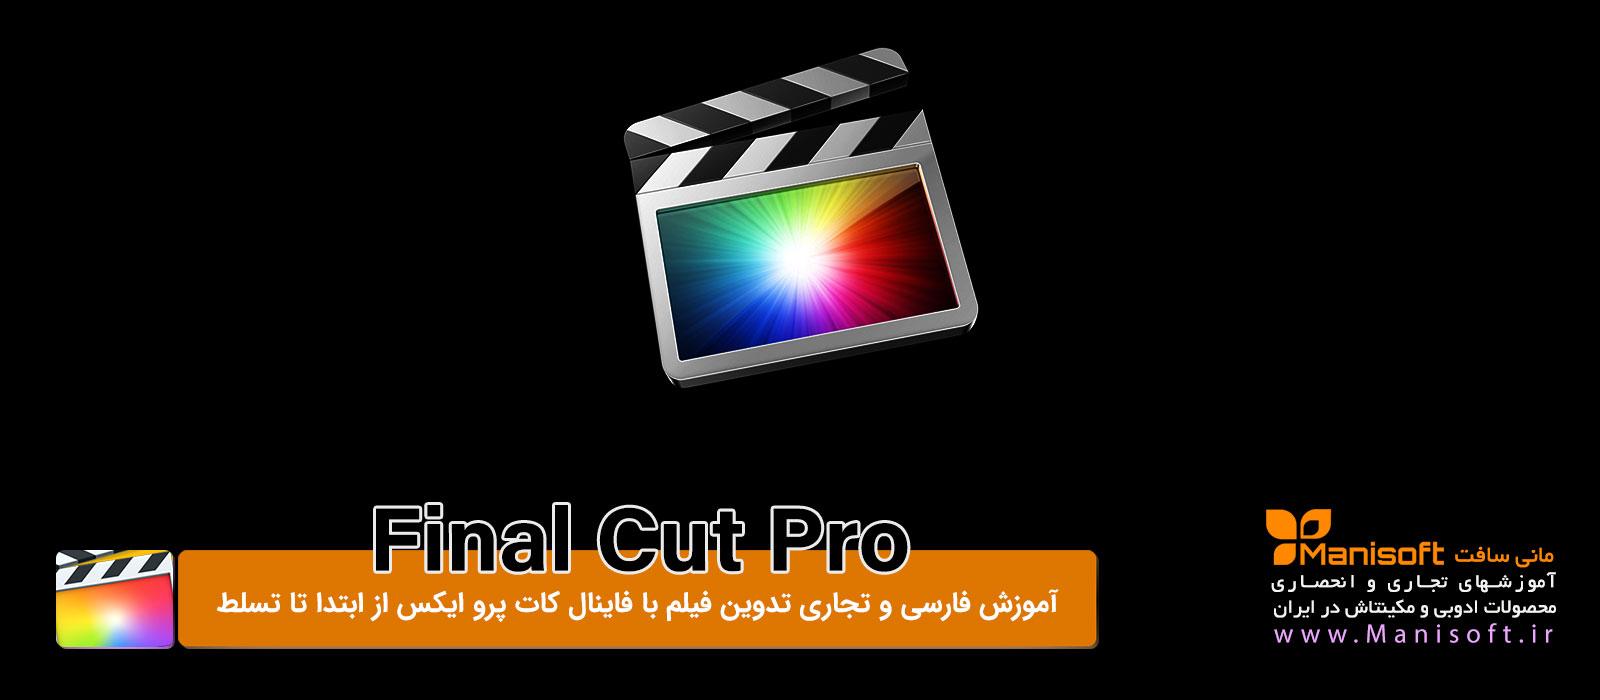 آموزش فارسی و تجاری فاینال کات پرو ایکس شروع به تولید شد